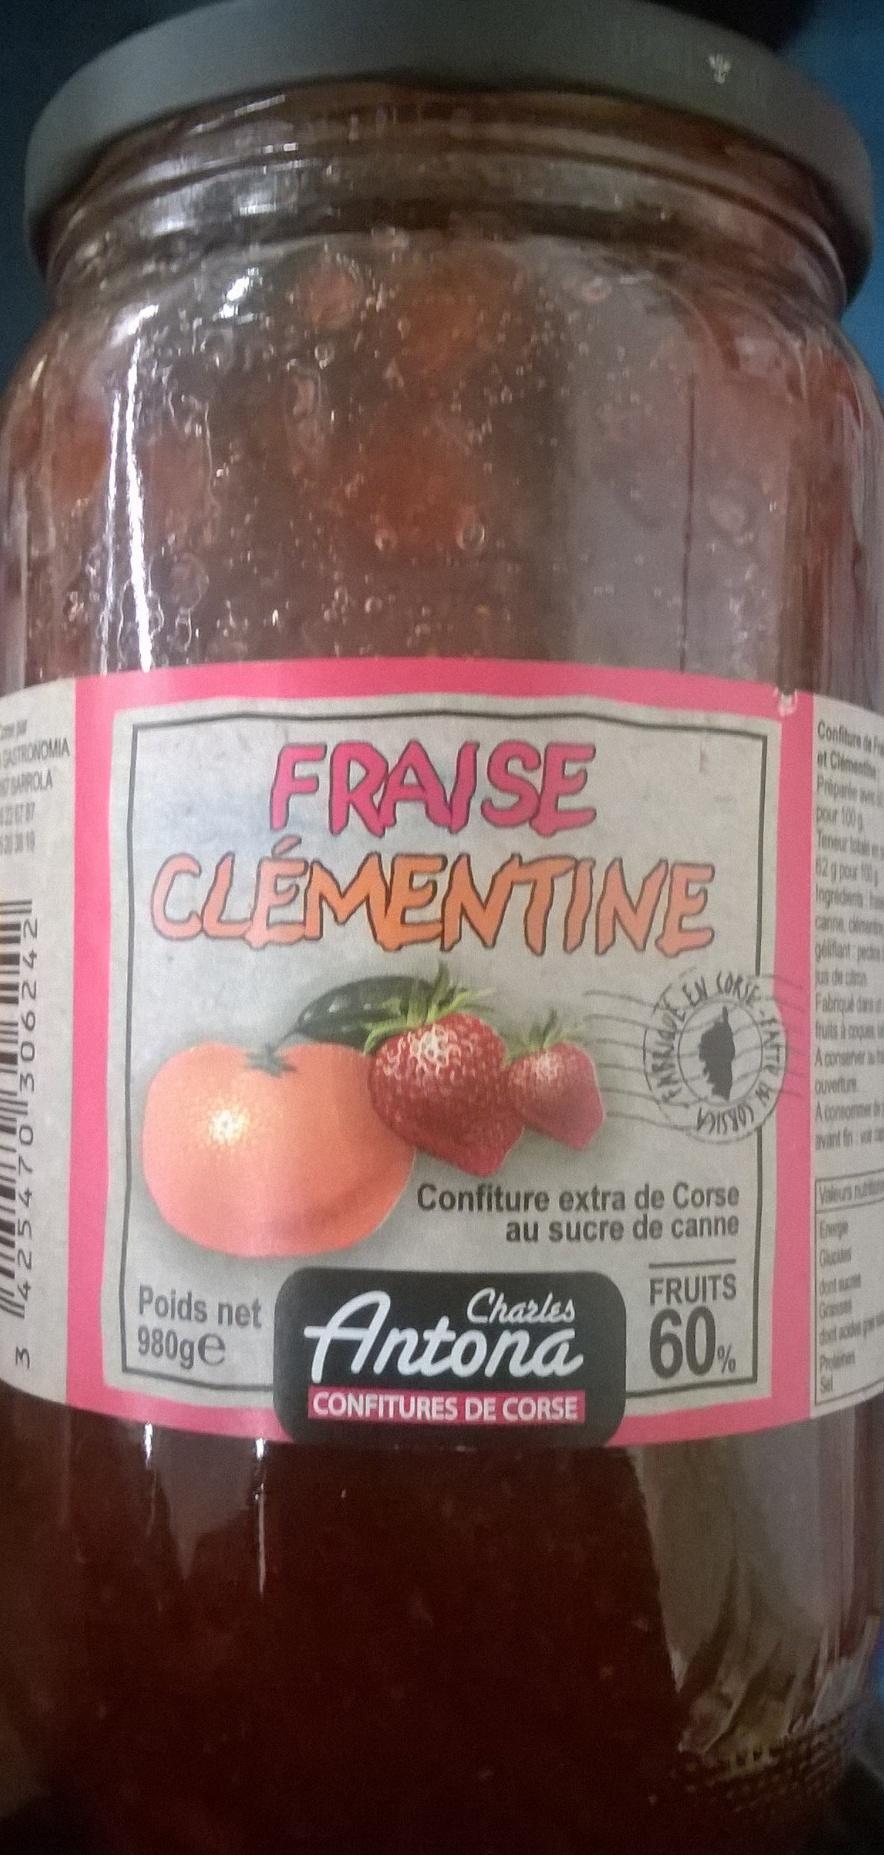 Confiture fraise clémentine - Produit - fr